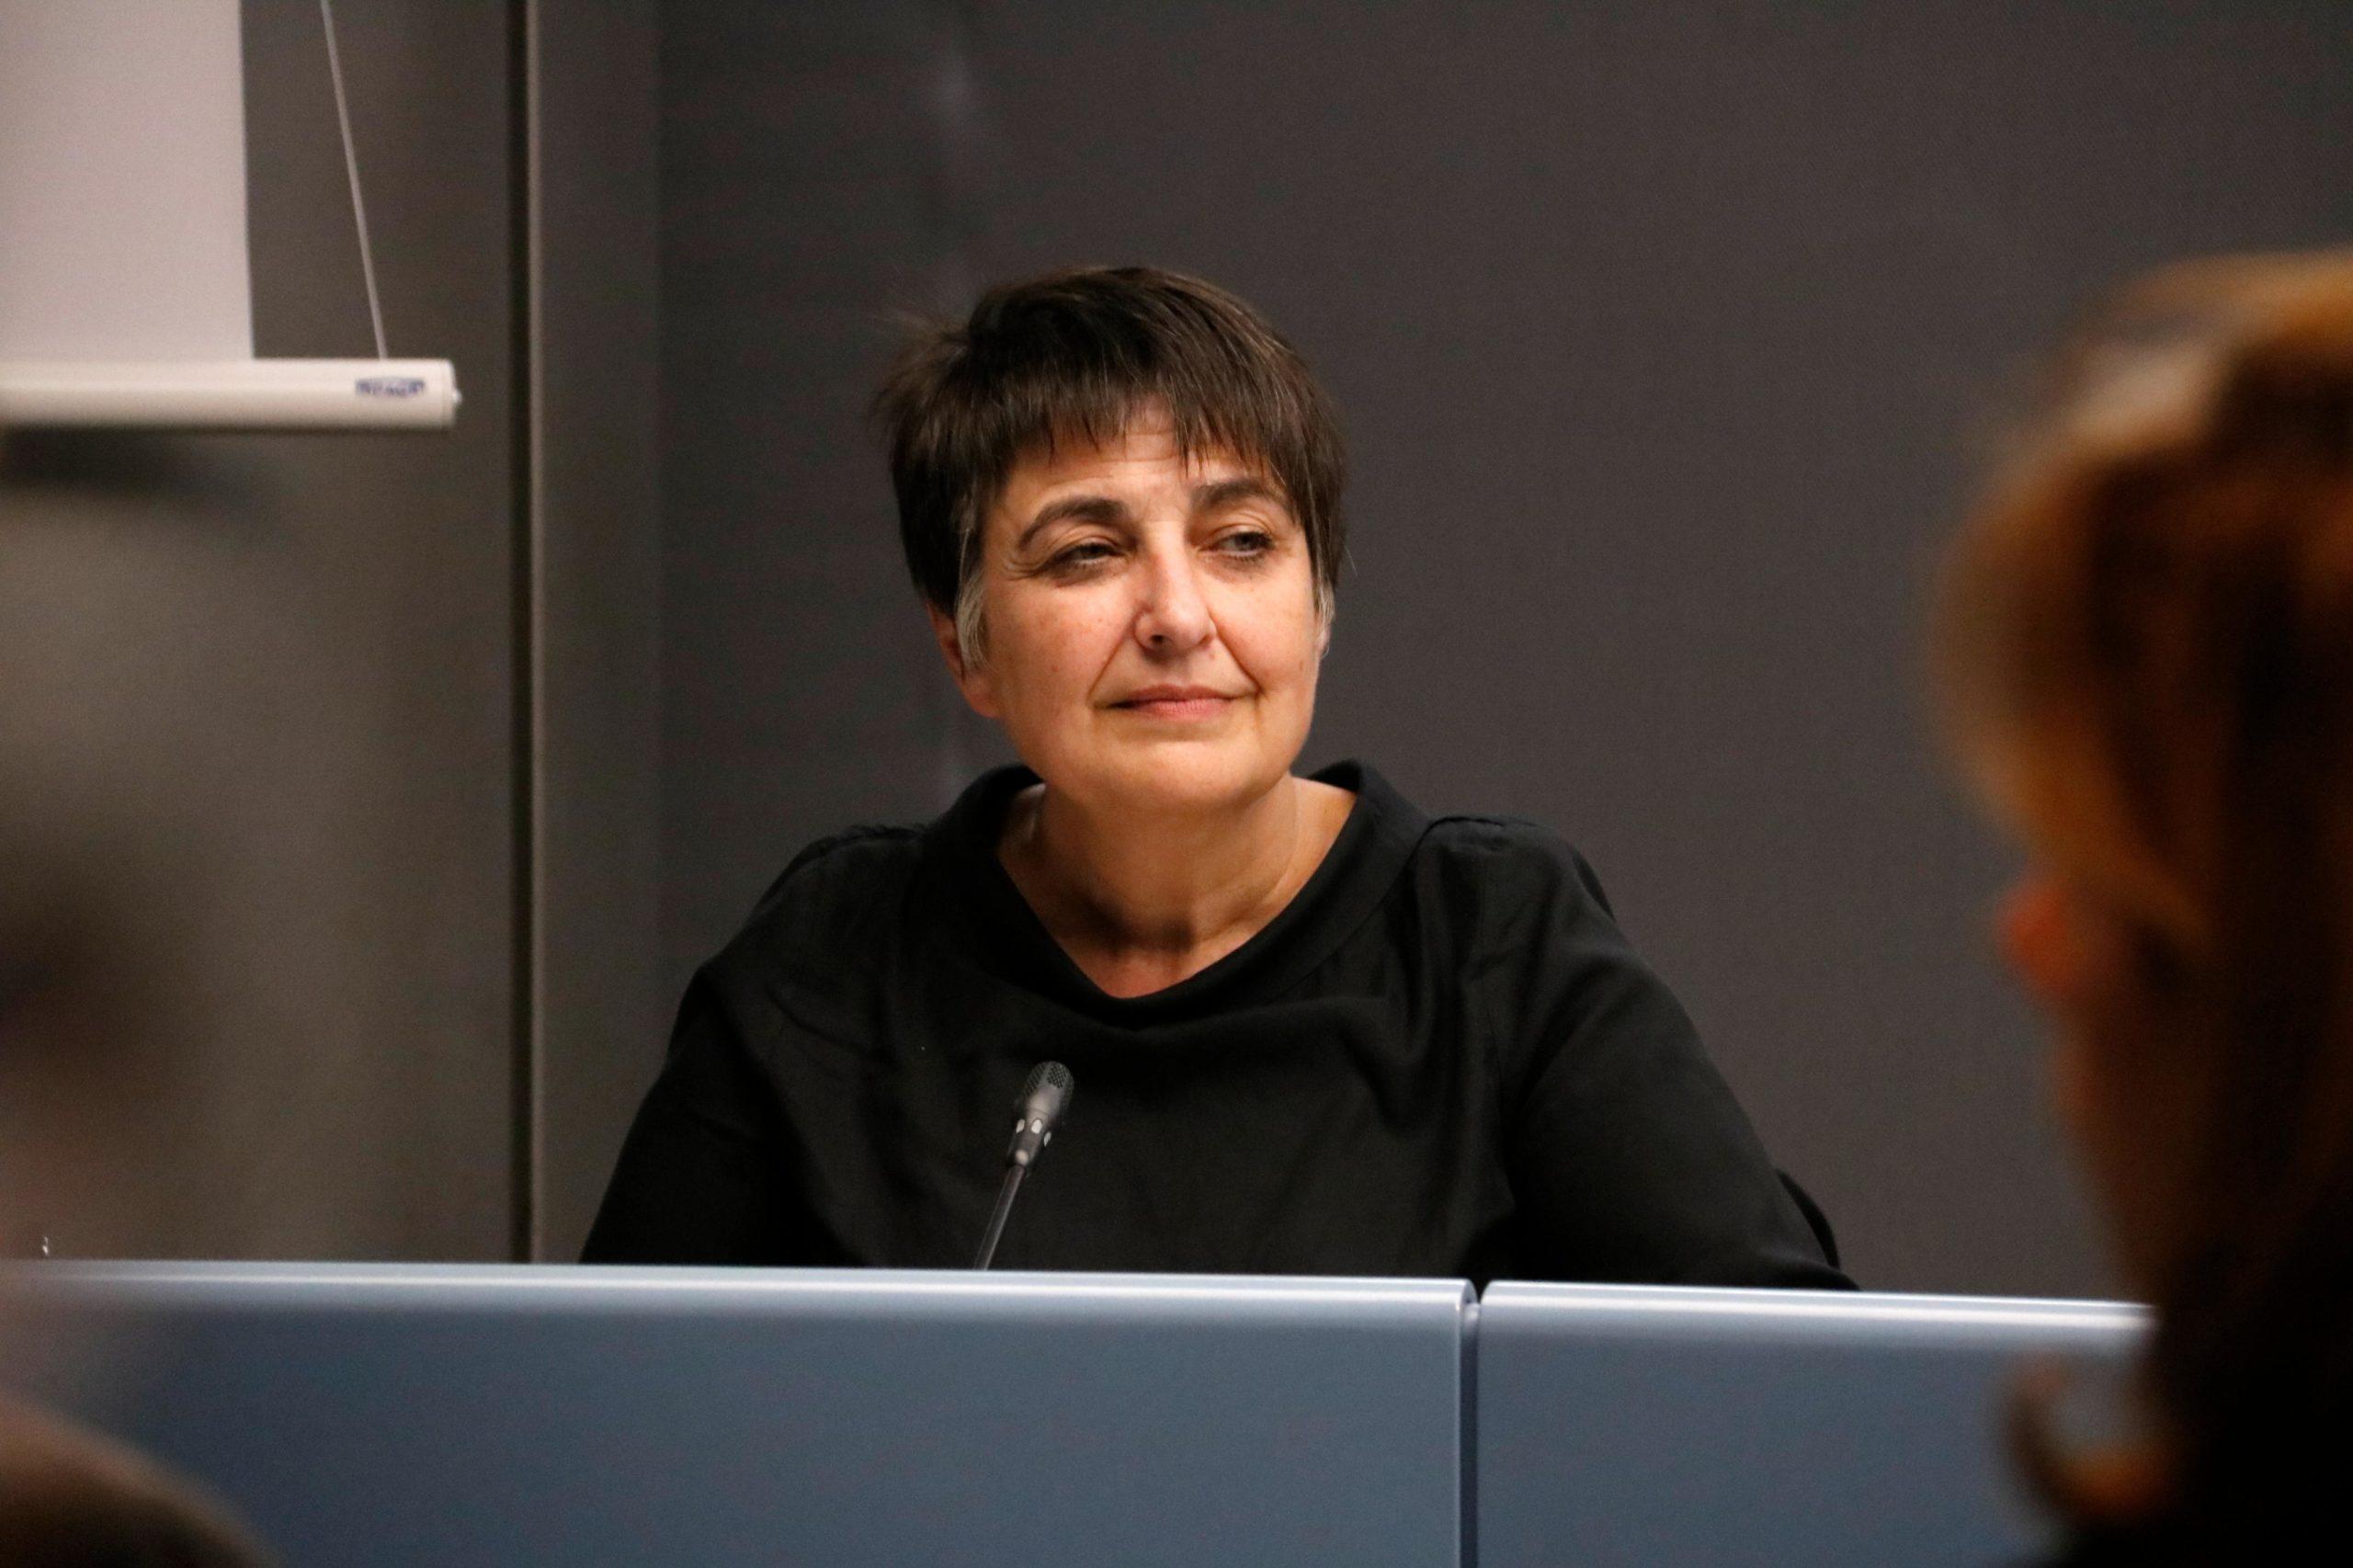 La regidora de Mobilitat i presidenta de TMB, Rosa Alarcón, en una imatge d'arxiu / ACN